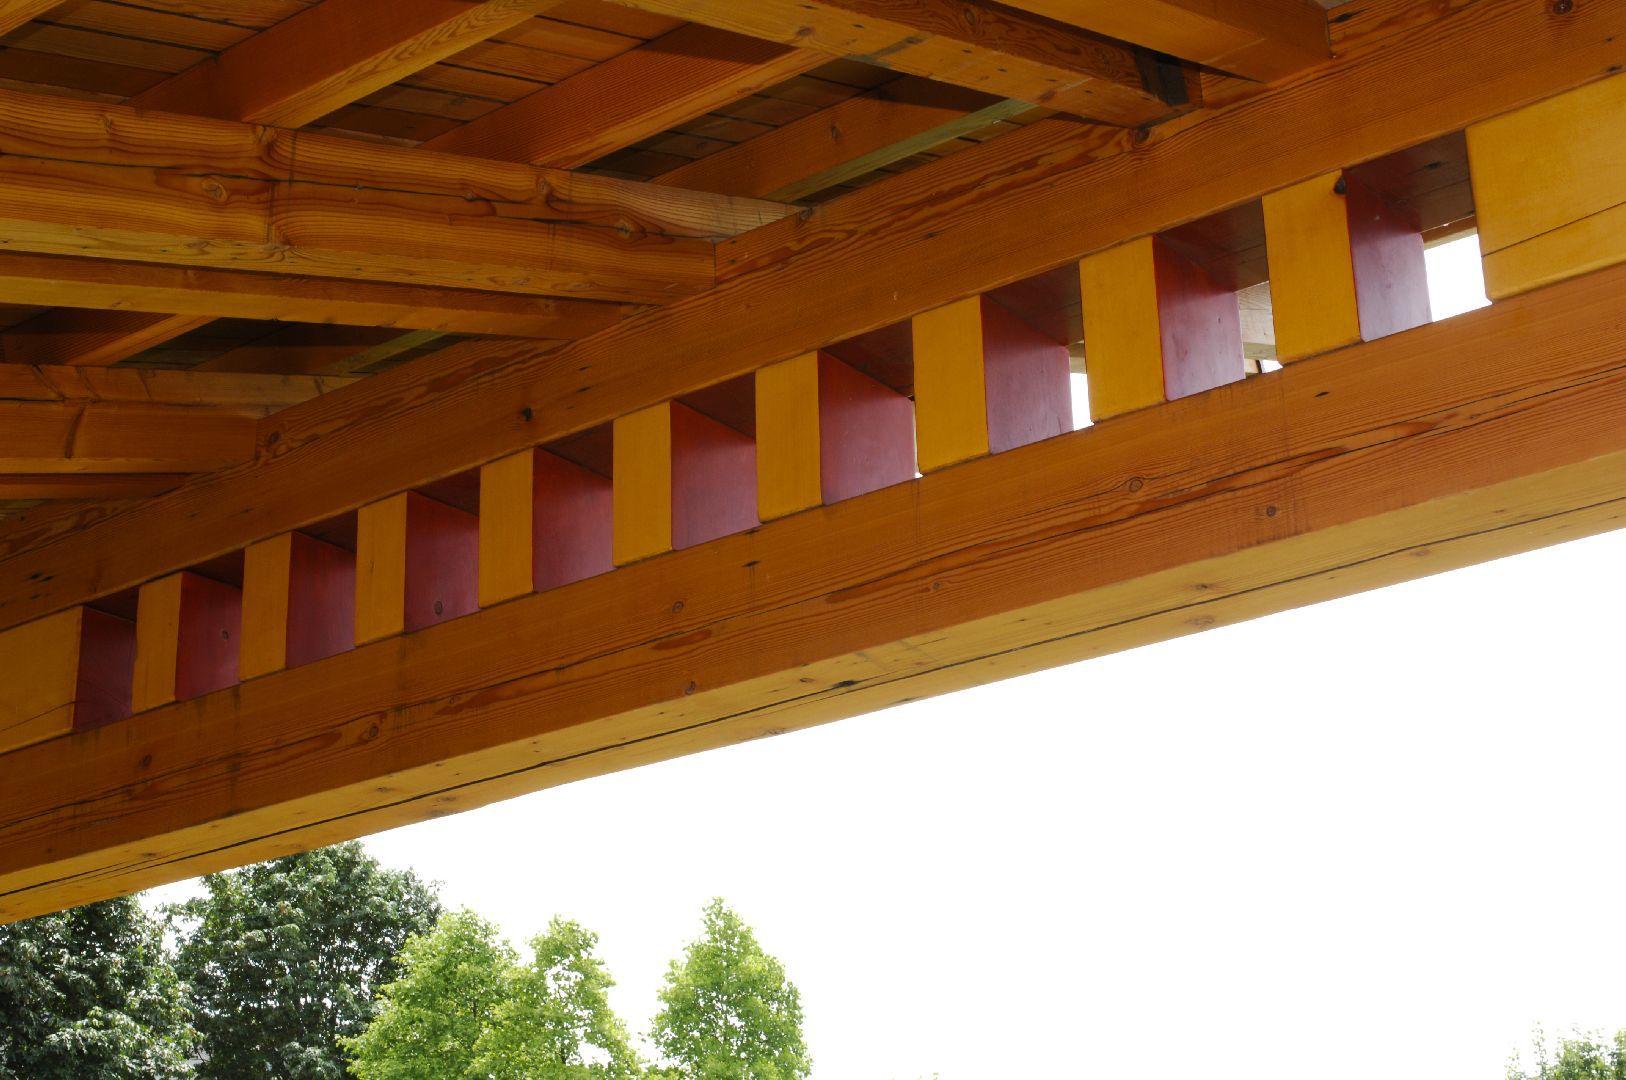 Bellingham Timber Frame Pavilion - Interior Roof